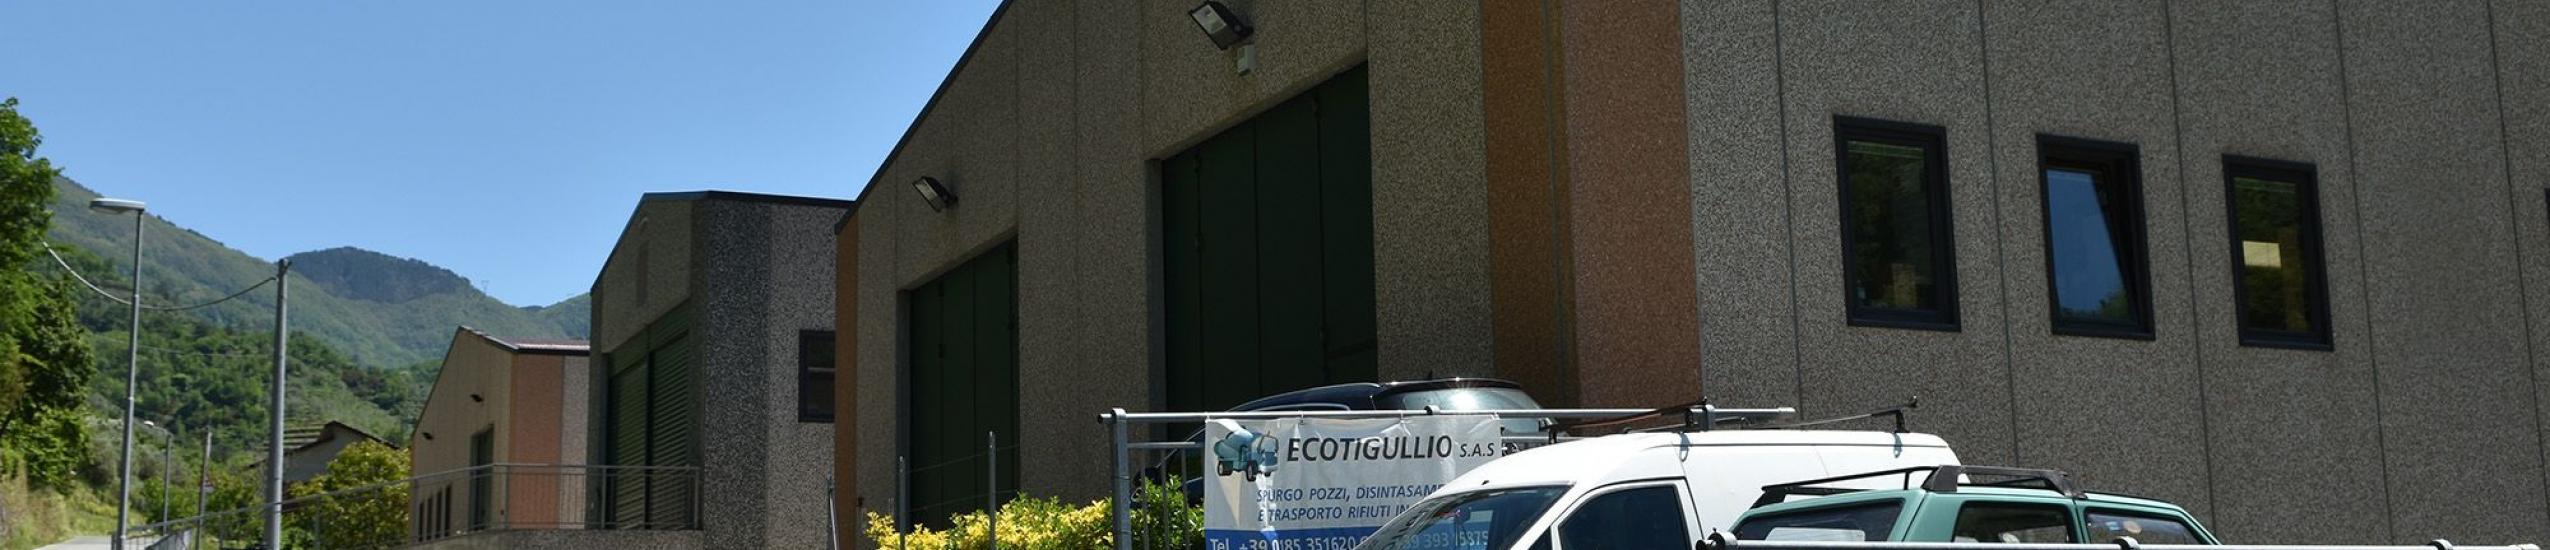 Ecotigulio s.a.s